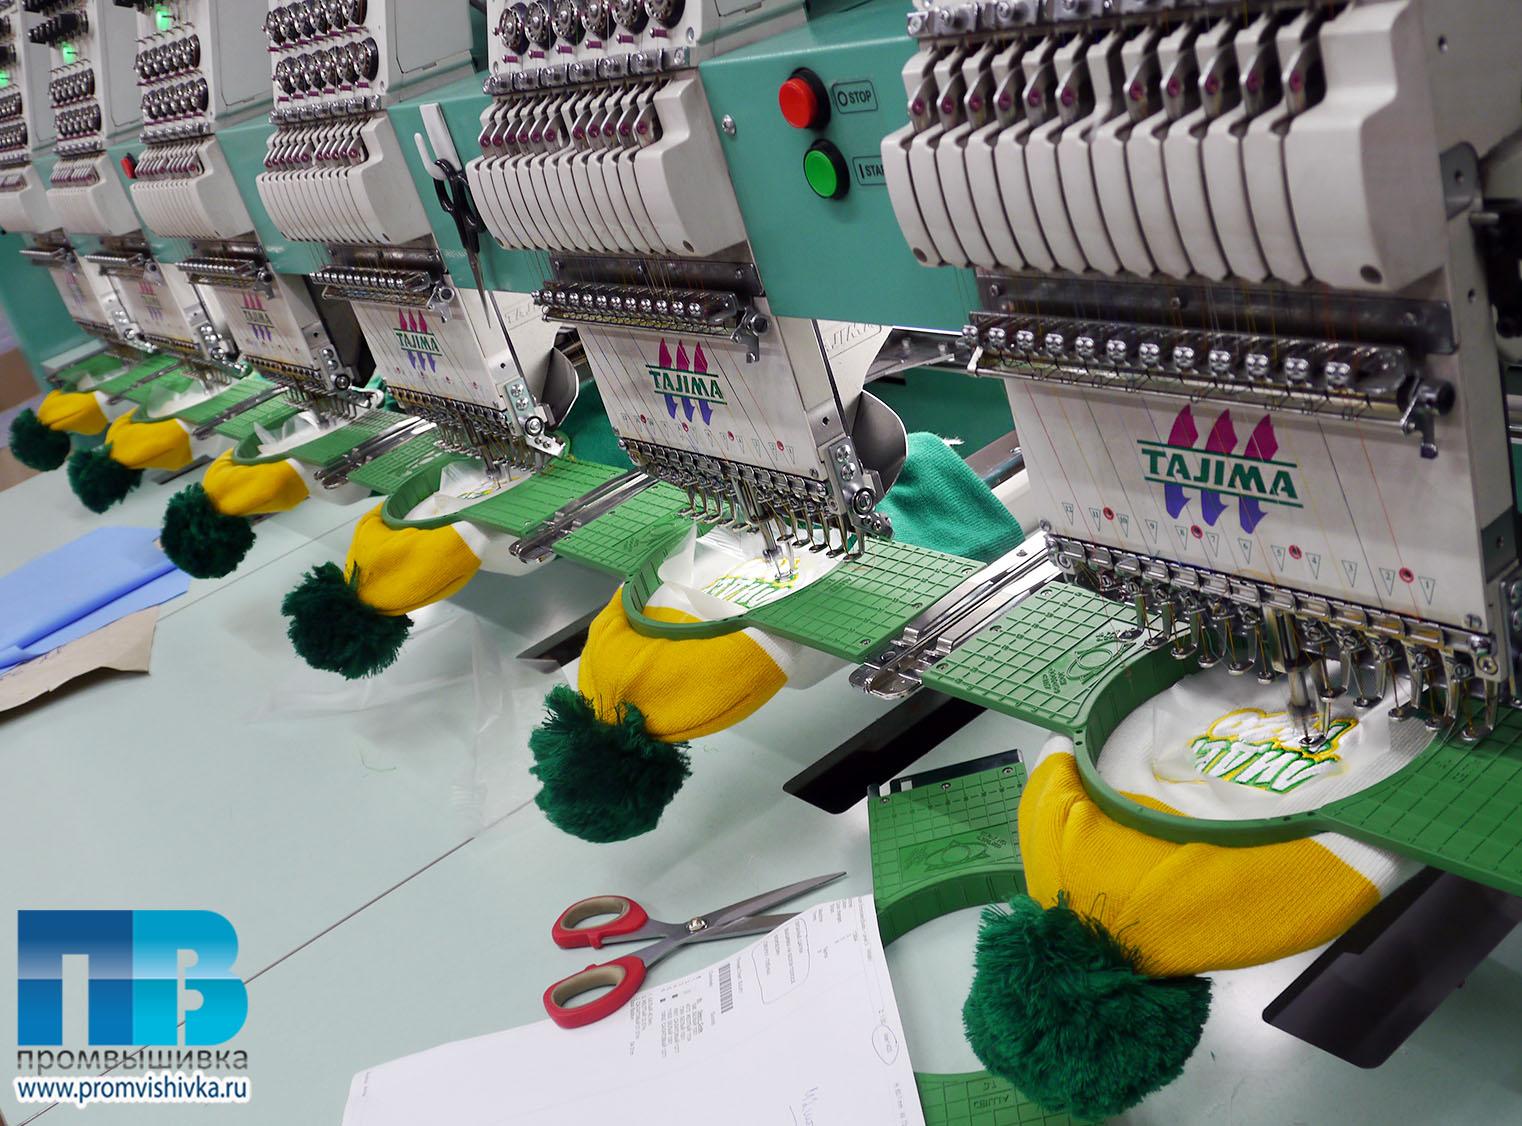 Вышивальная машина с созданием своей вышивки 92